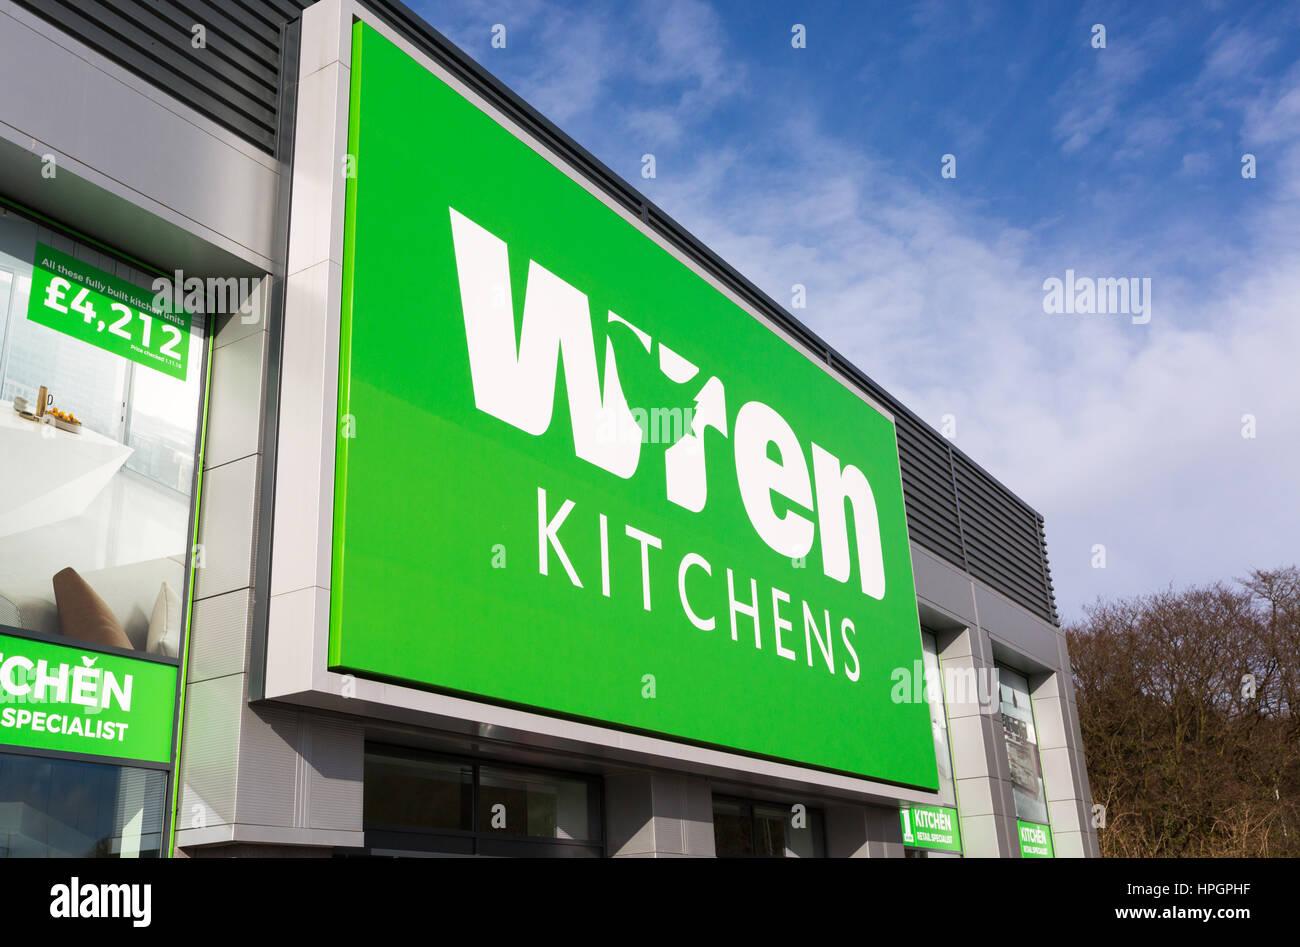 Wren Kitchens store in Roaring Meg retail park, Stevenage - Stock Image